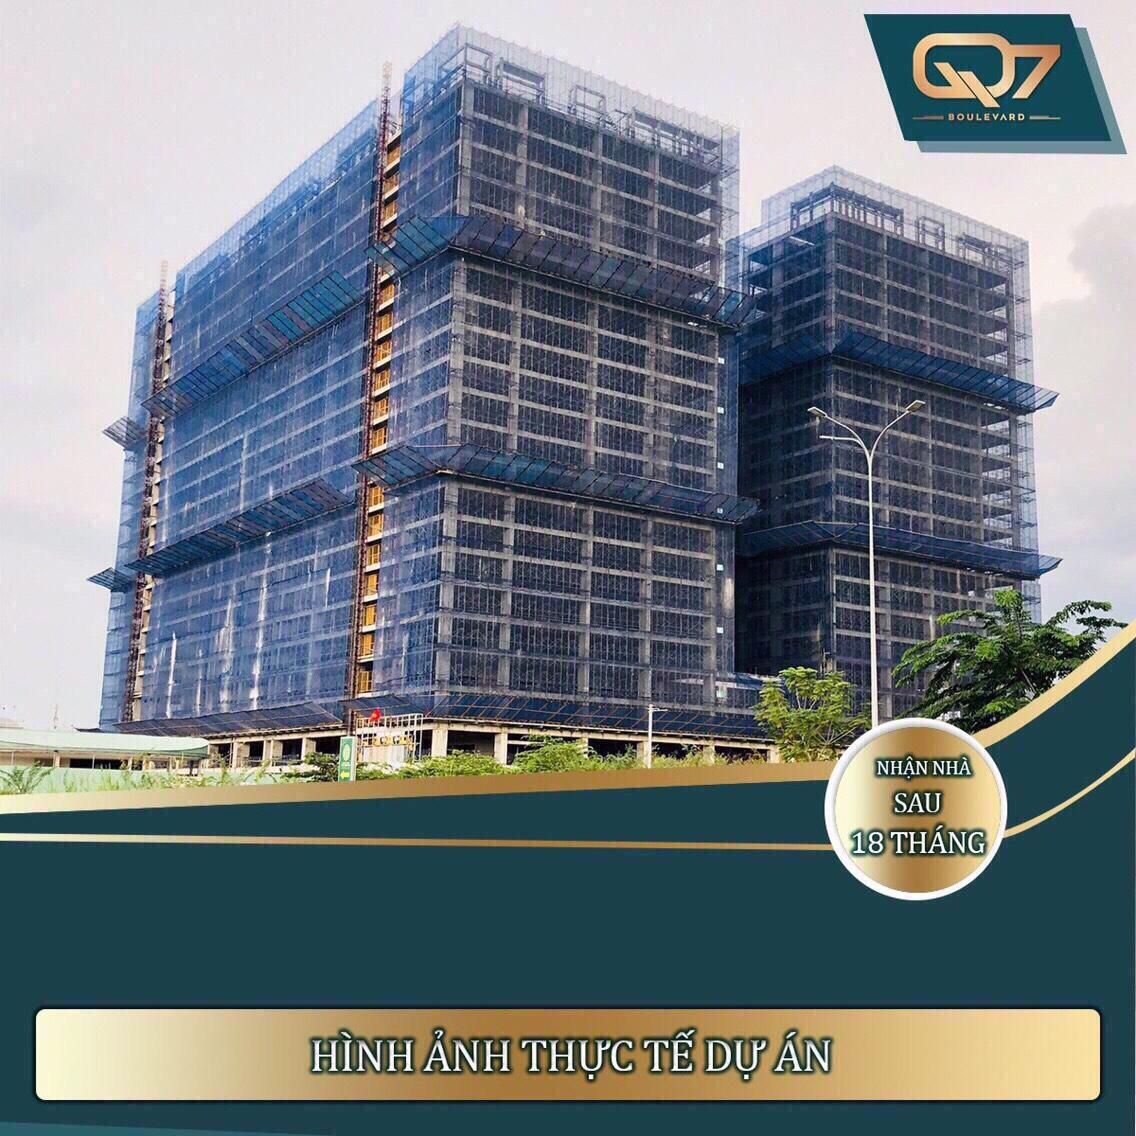 Hình ảnh thực tế dự án Q7 Boulevard Hưng Thịnh